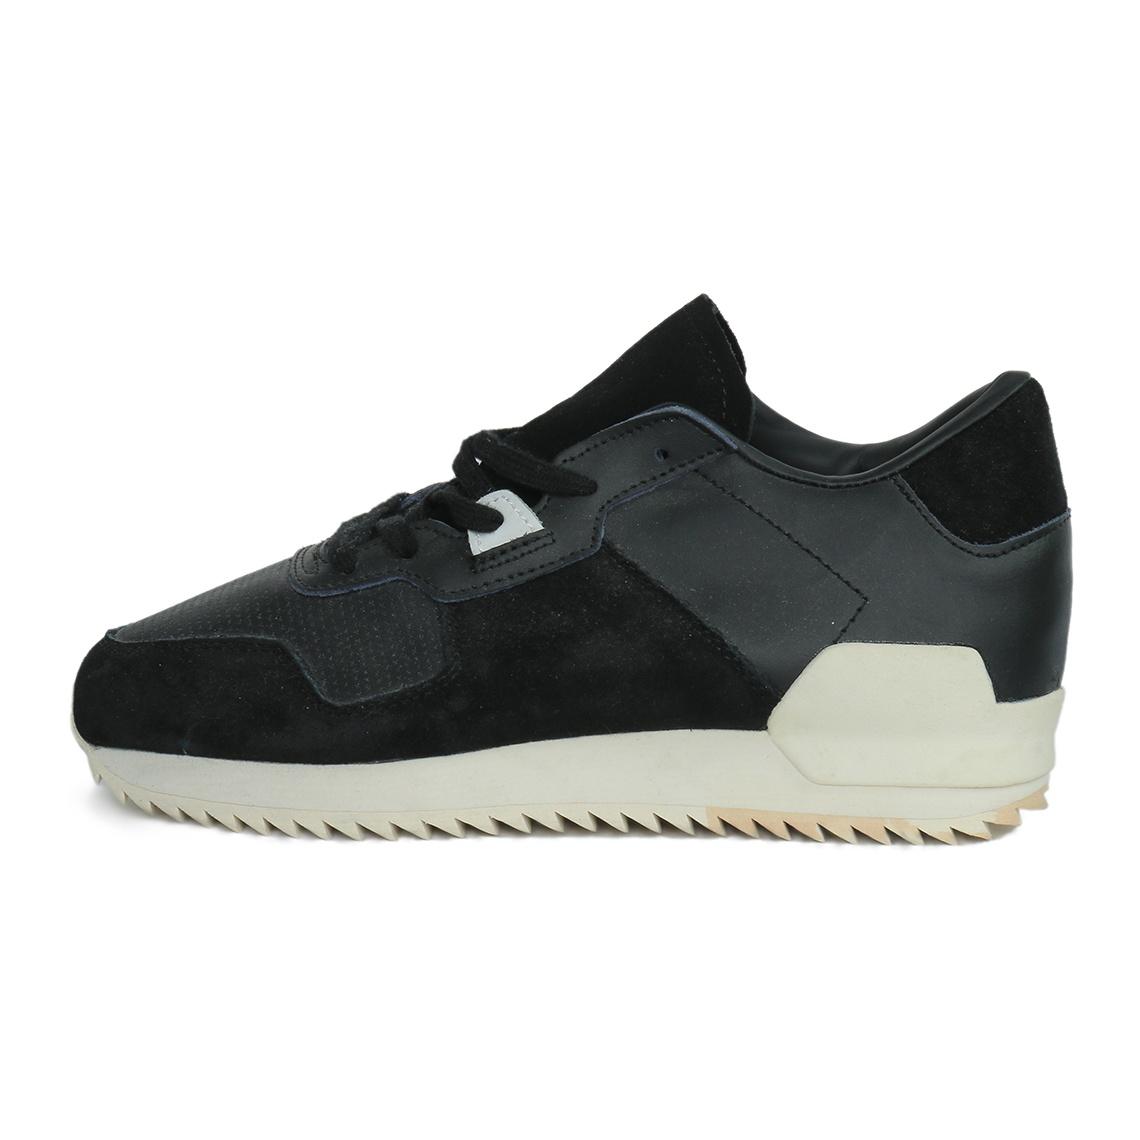 کفش راحتی زنانه آدیداس کد s82520